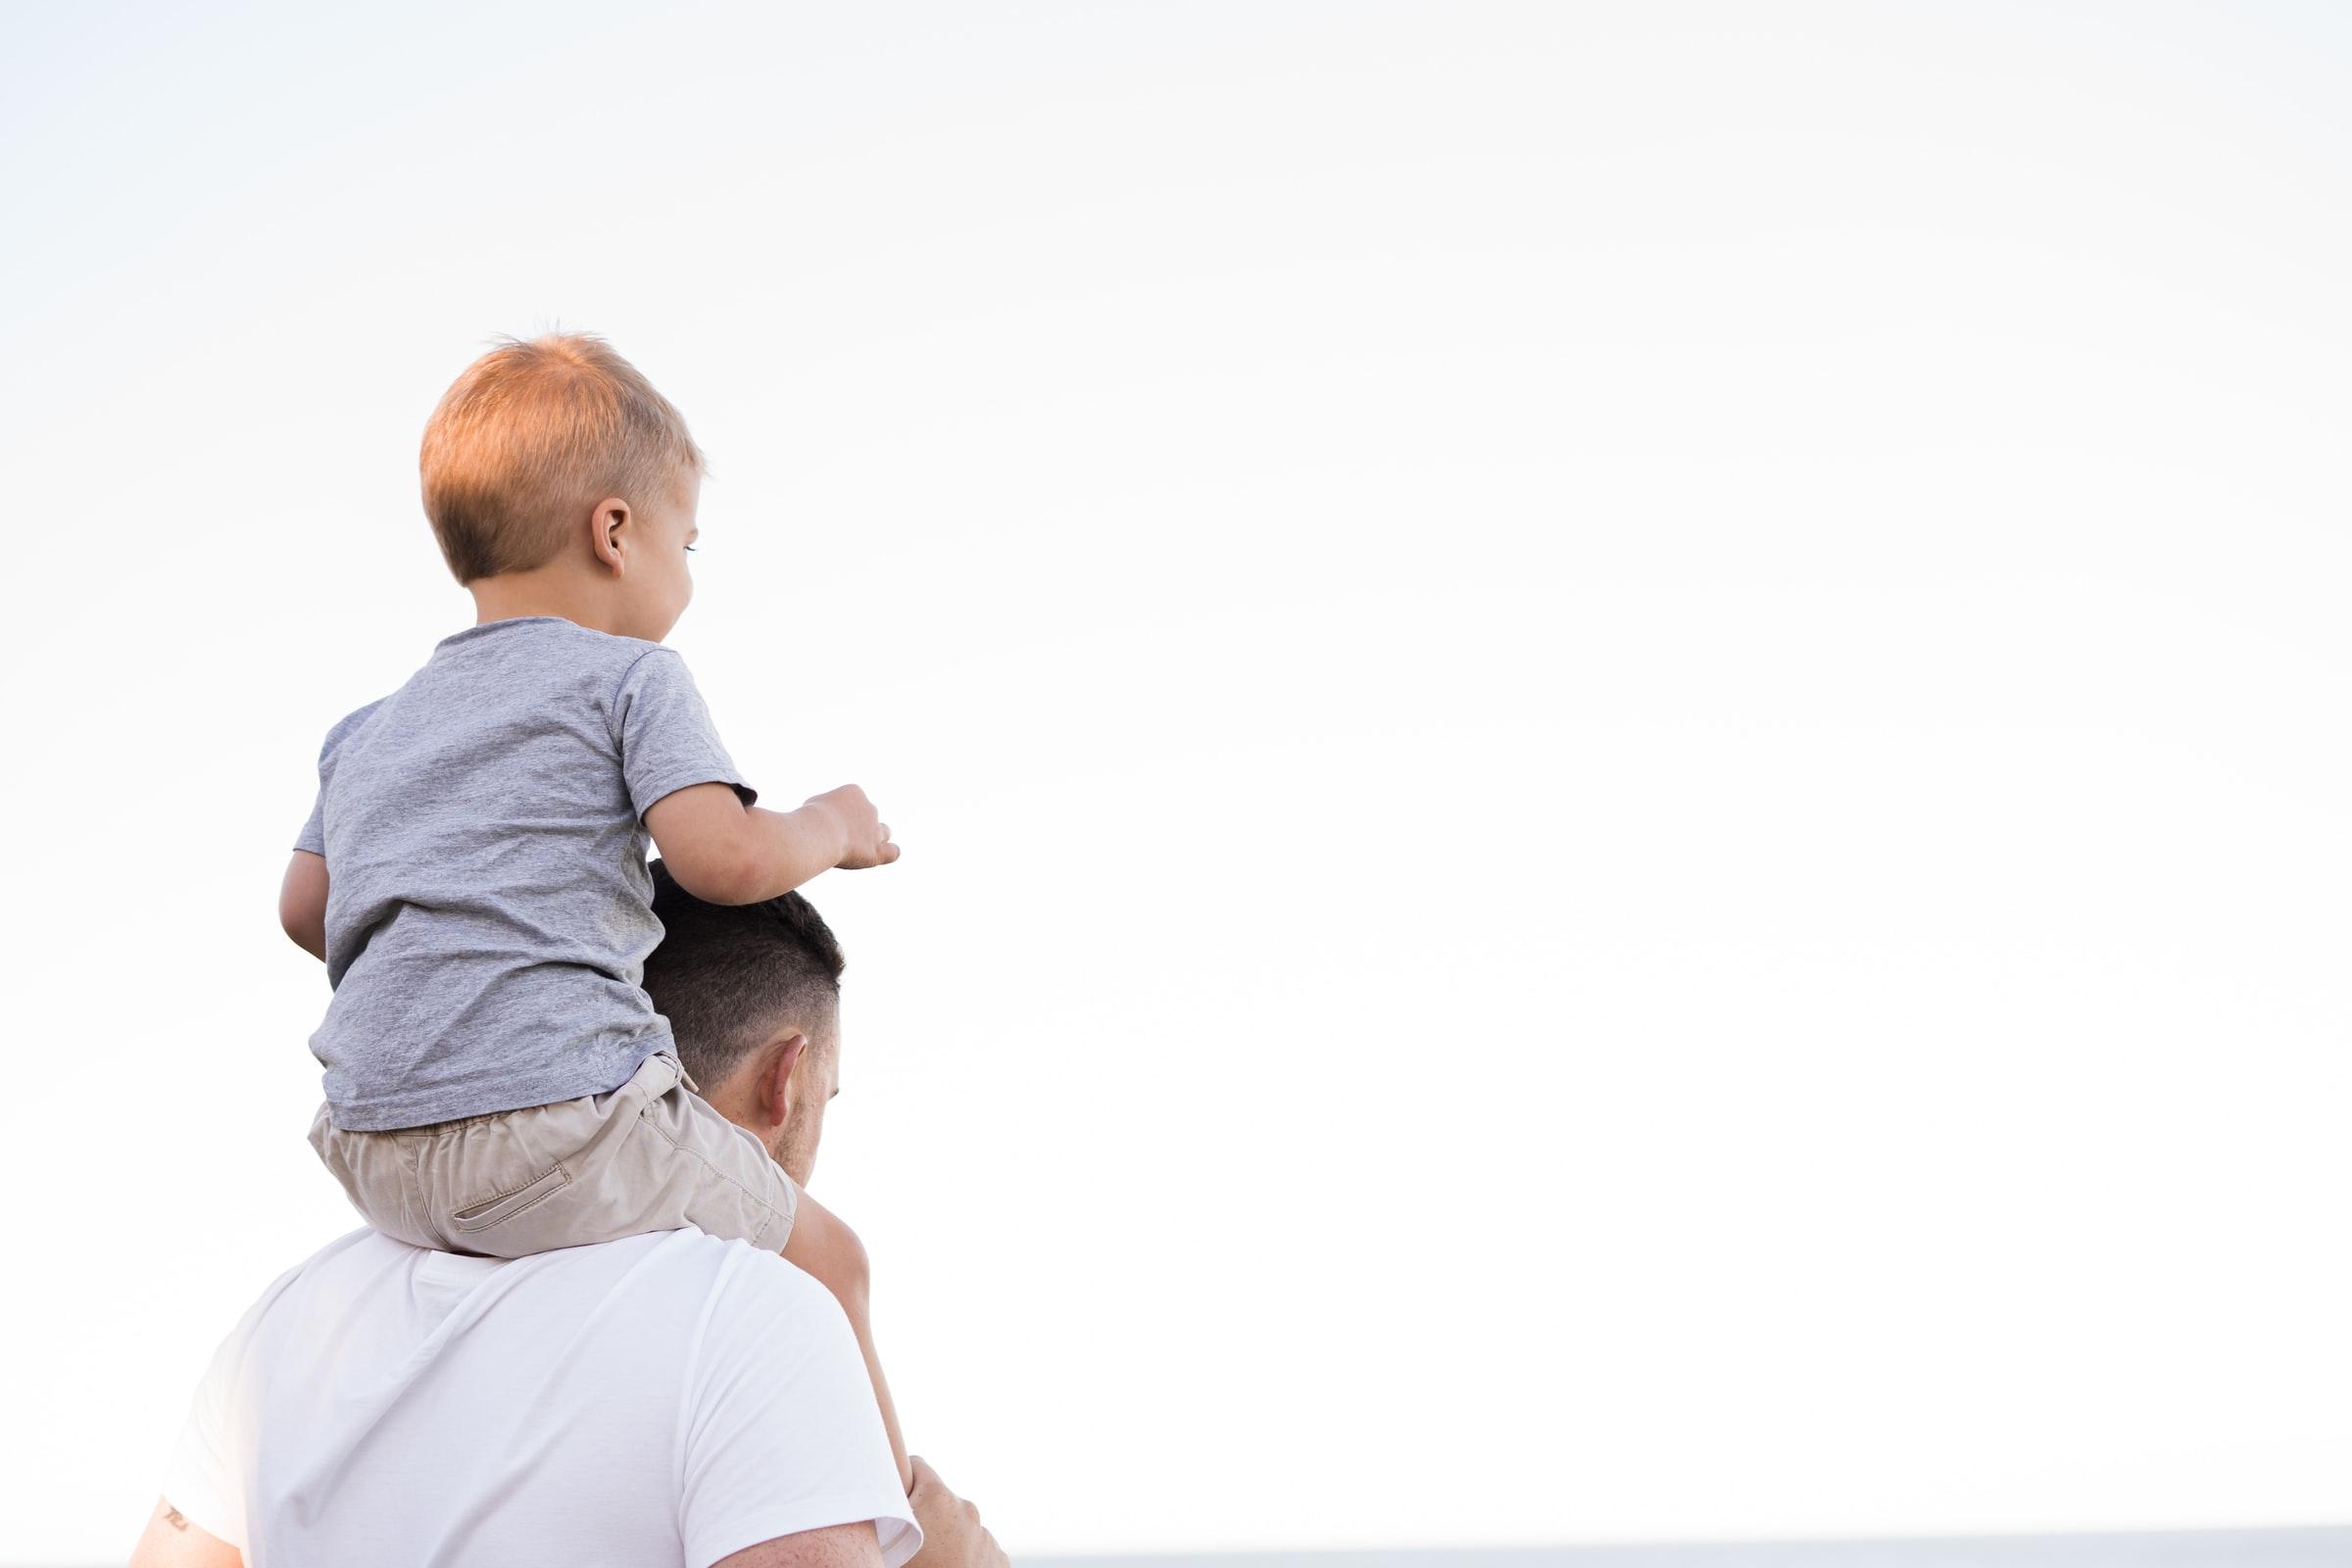 Image - Allongement du congé paternité : le Président de la République et le gouvernement en pleine contradiction